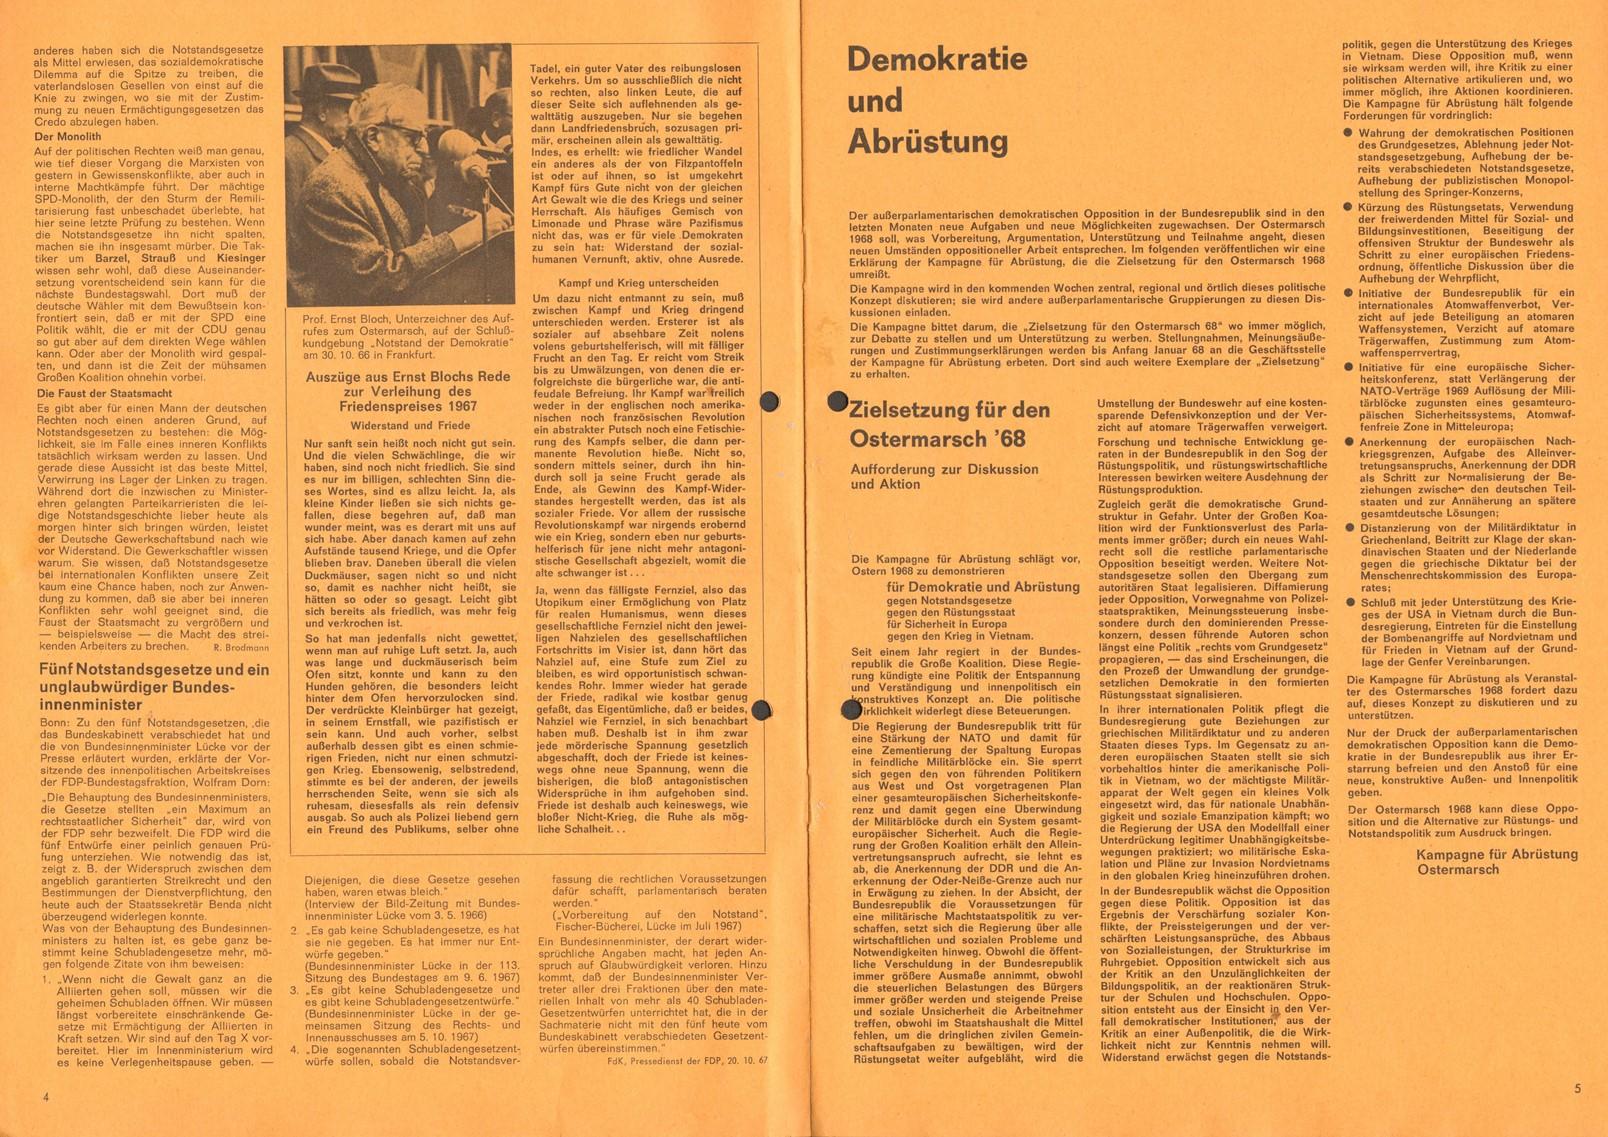 Informationen_zur_Abruestung_19671100_03